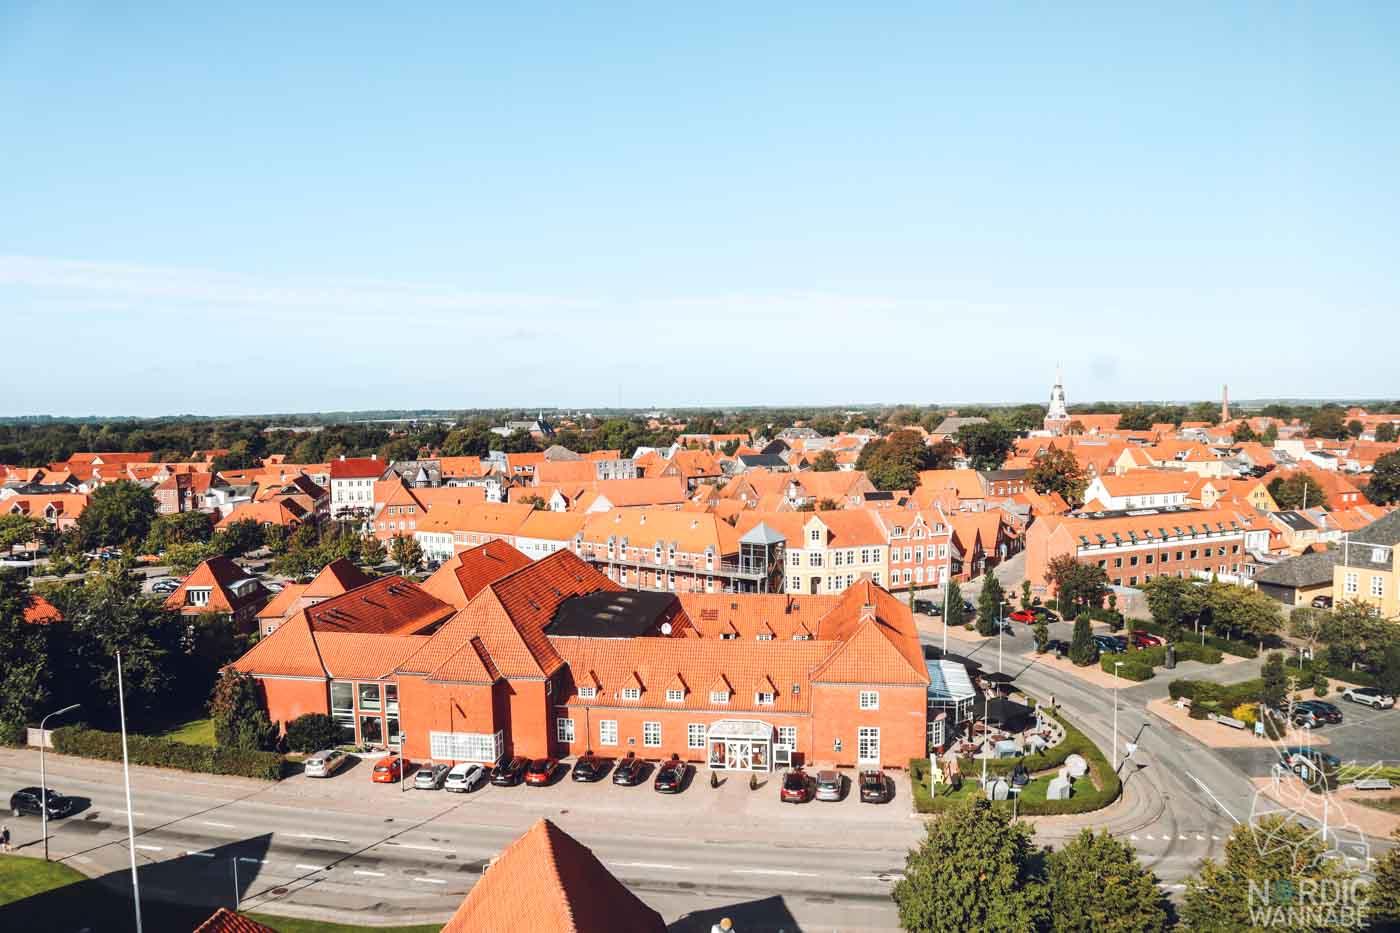 Hans J. Wegner, Kunstmuseum, Tønder, Dänemark, Südjütland, Südänemark, Hygge